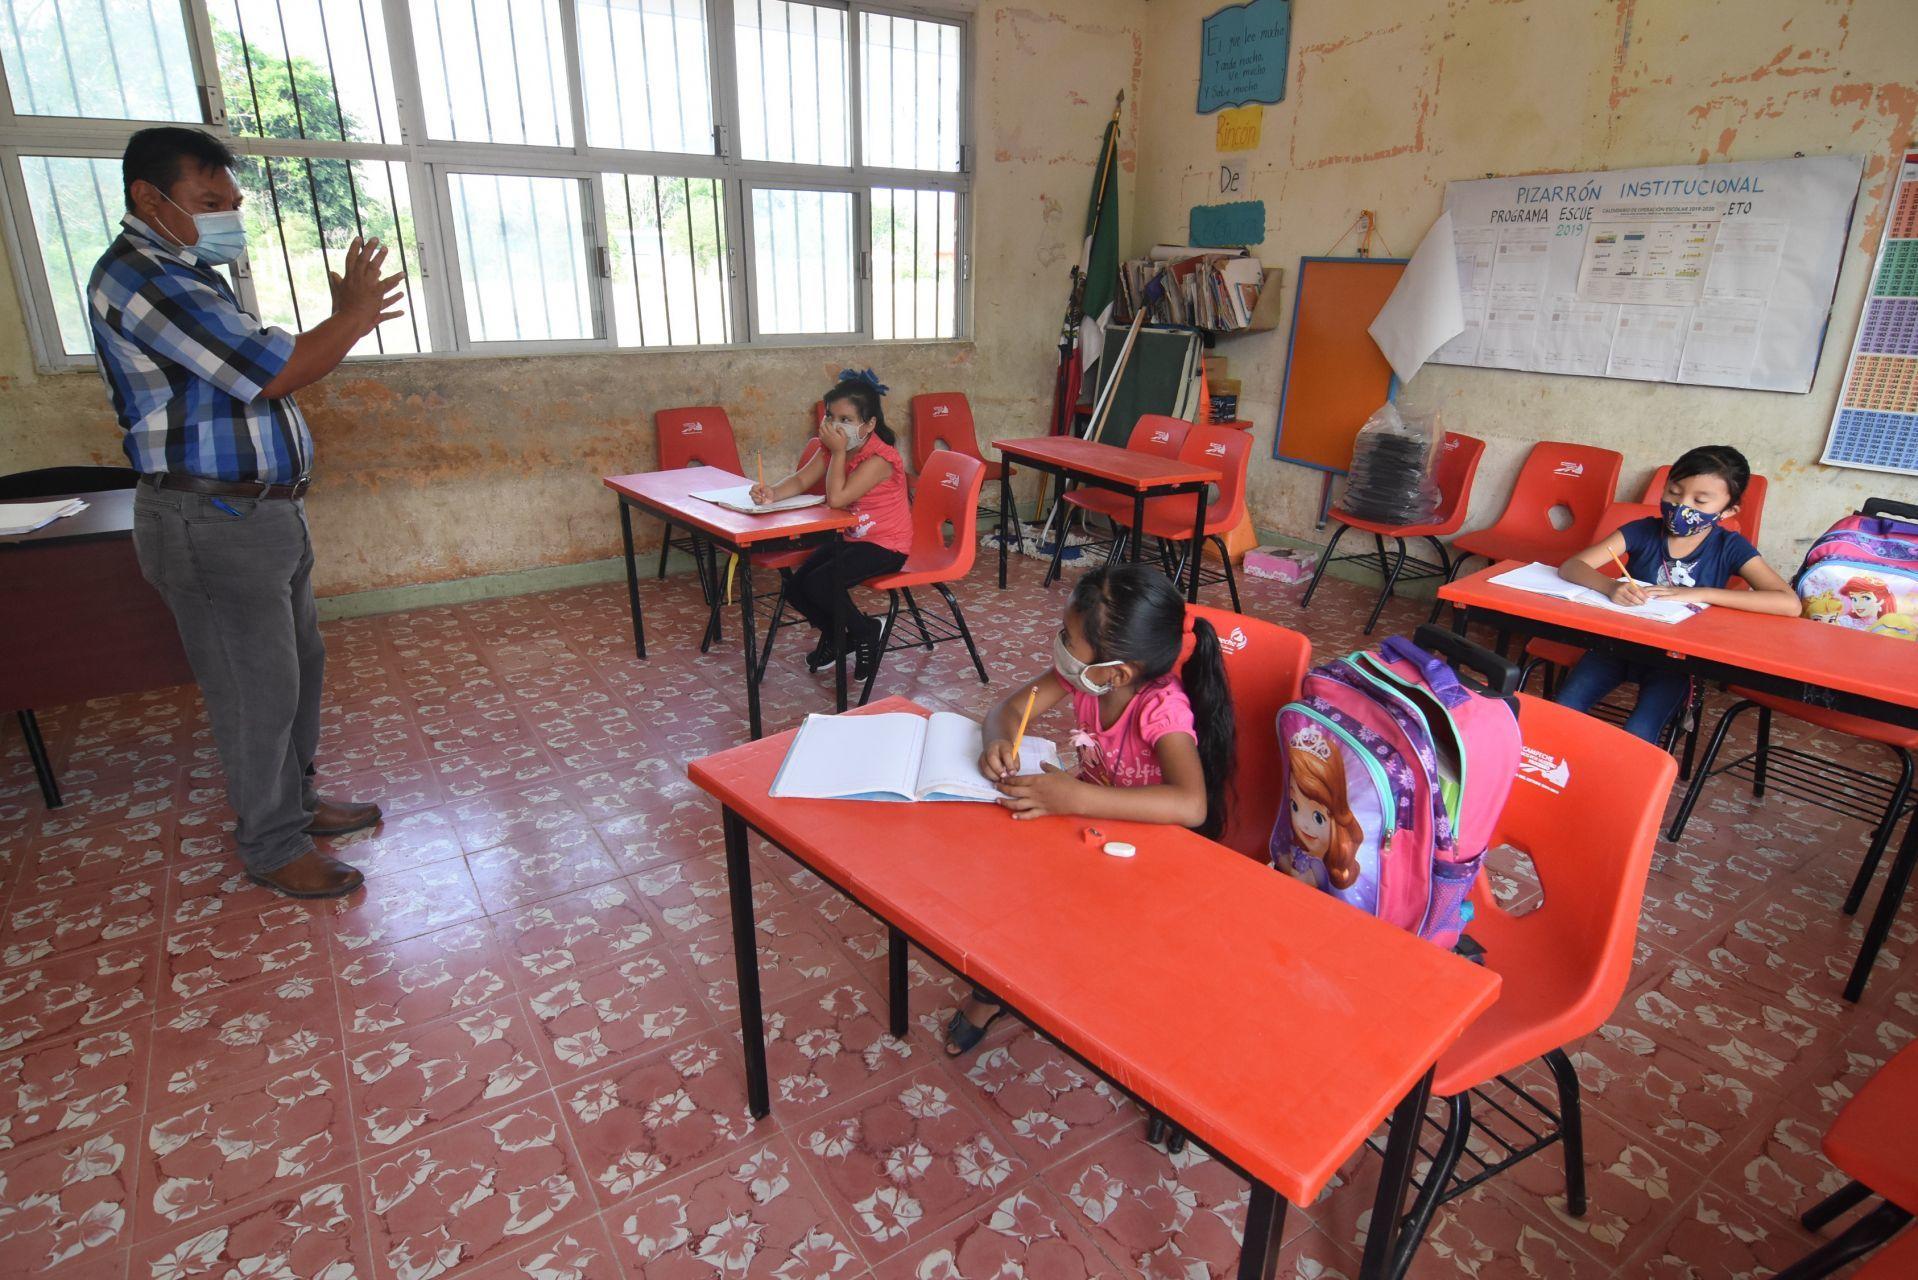 ¡Campeche pone el ejemplo! Este lunes regresaron a clases presenciales casi 6 mil estudiantes